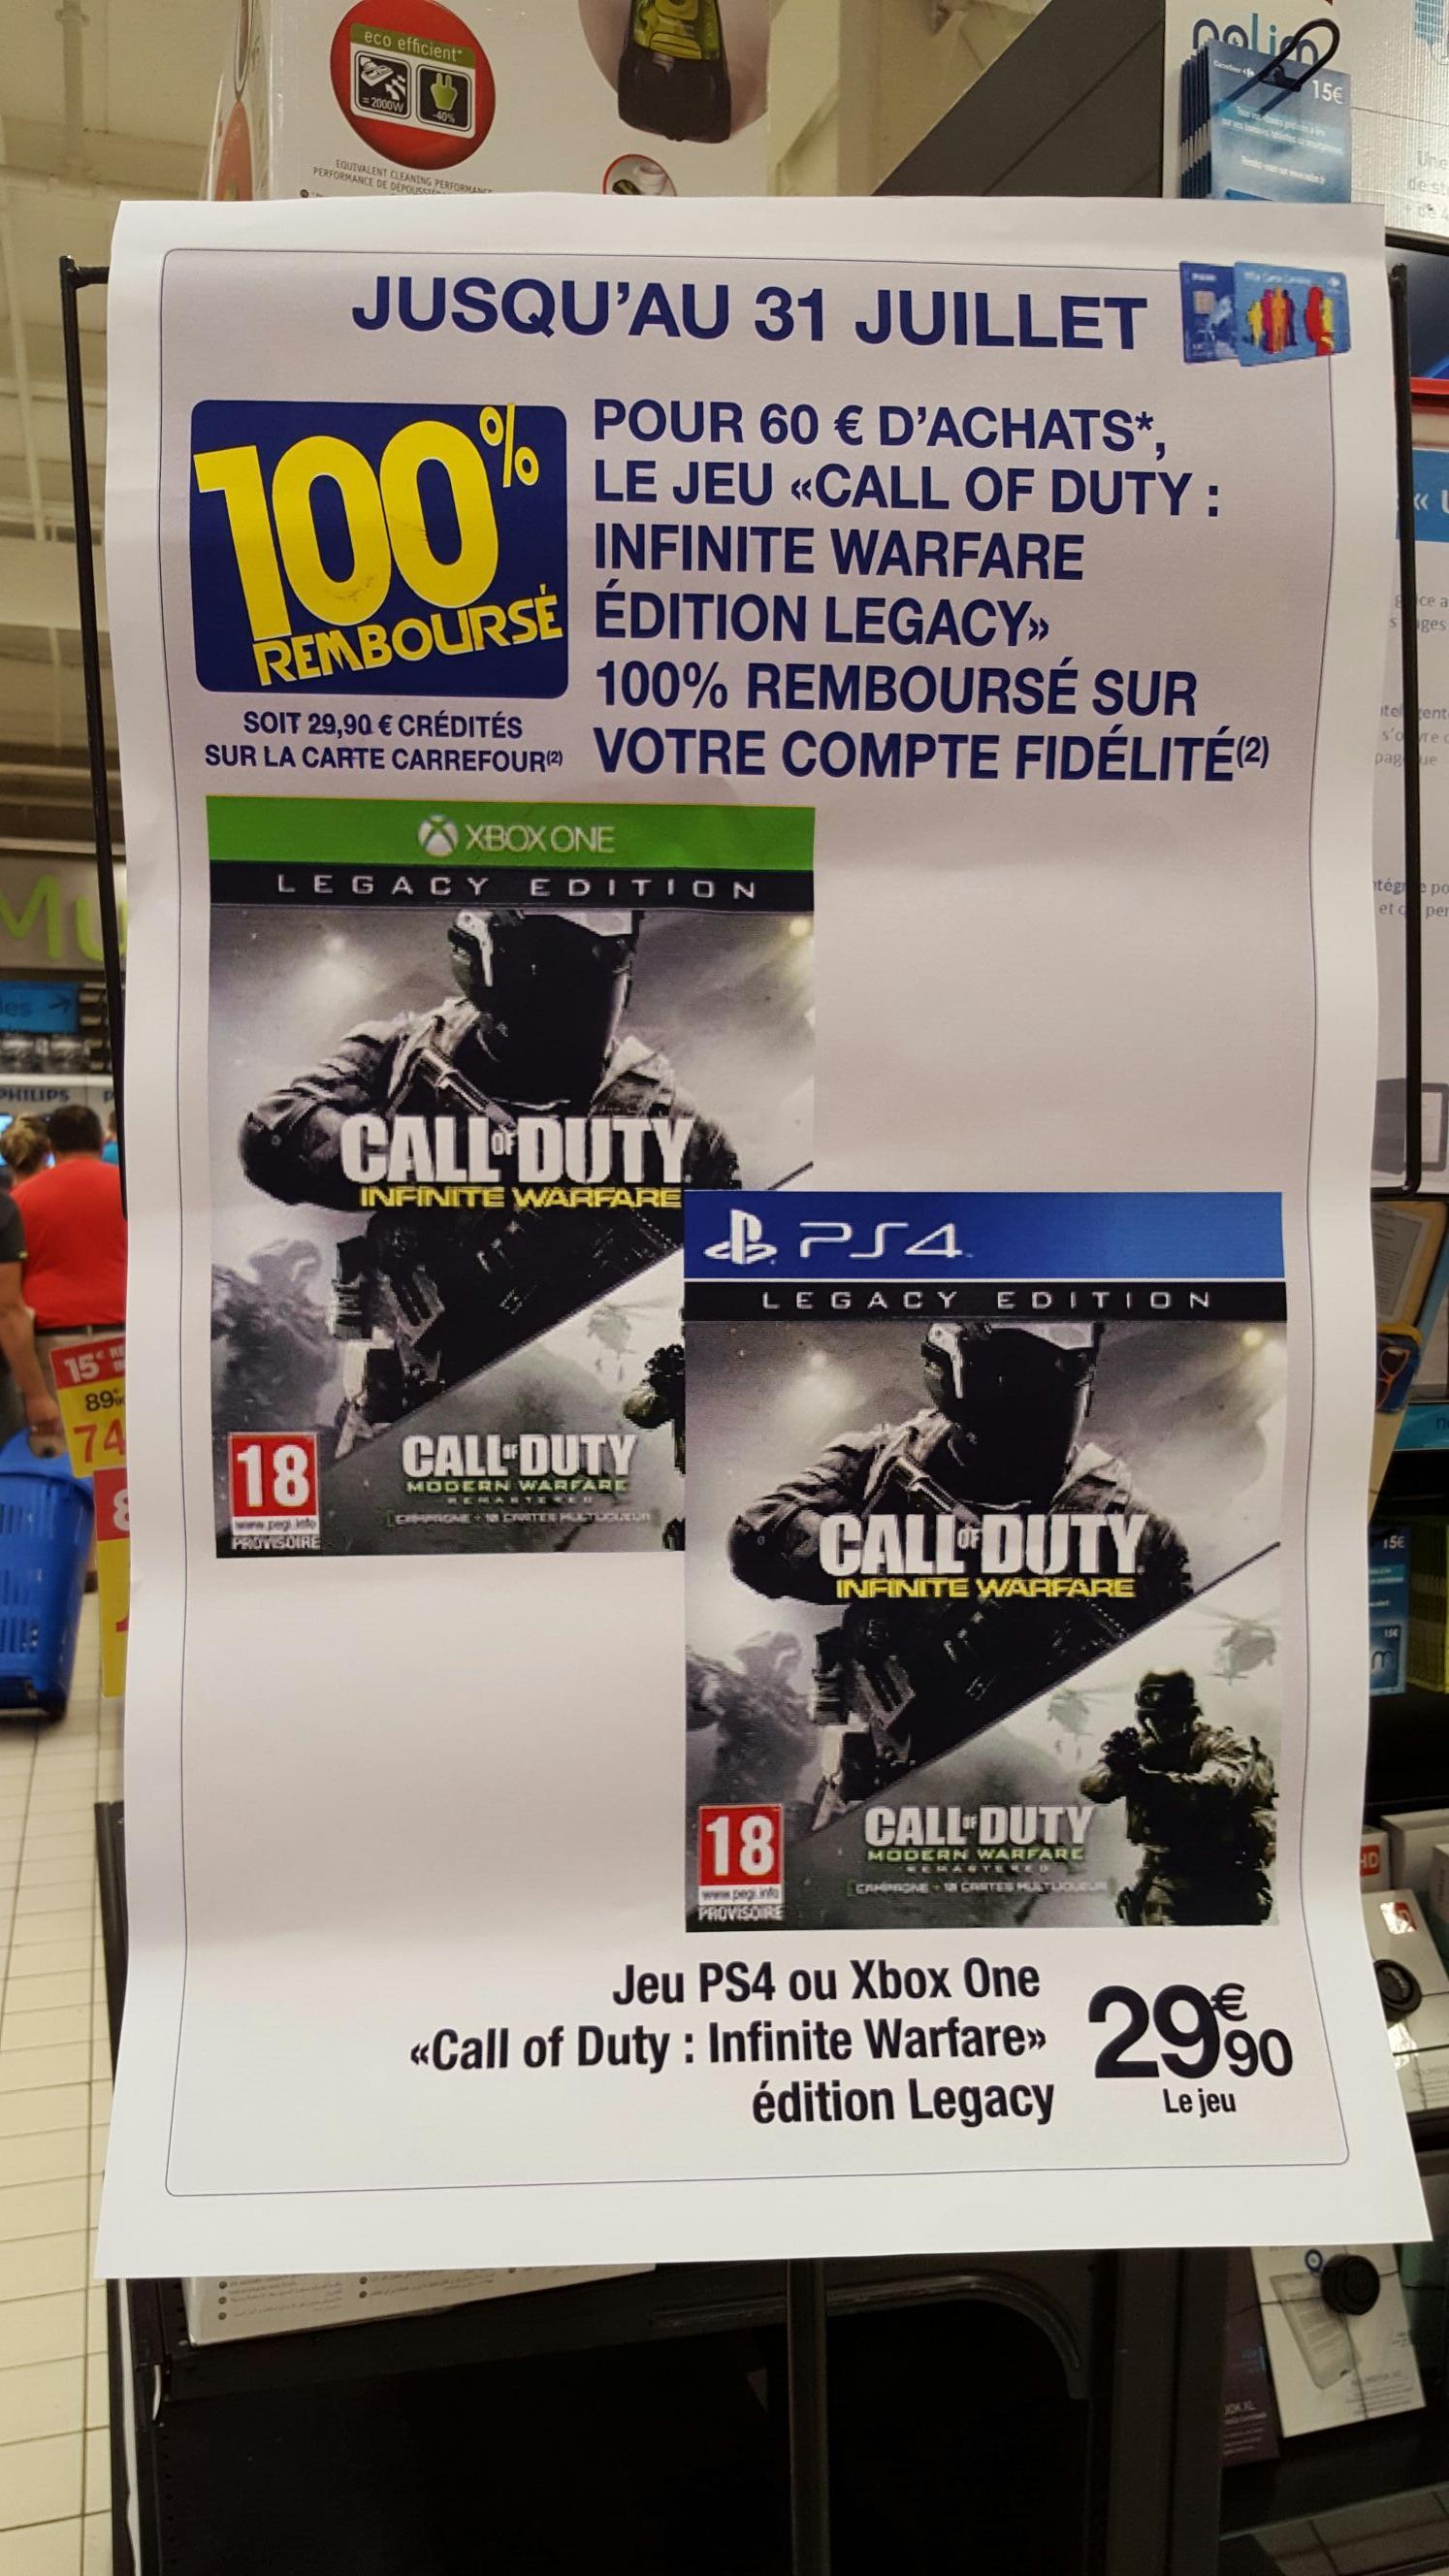 Call Of Duty Infinite Warfare Legacy Edition sur PS4 et Xbox One 100% remboursé sur la carte de fidélité dès 60€ d'achat